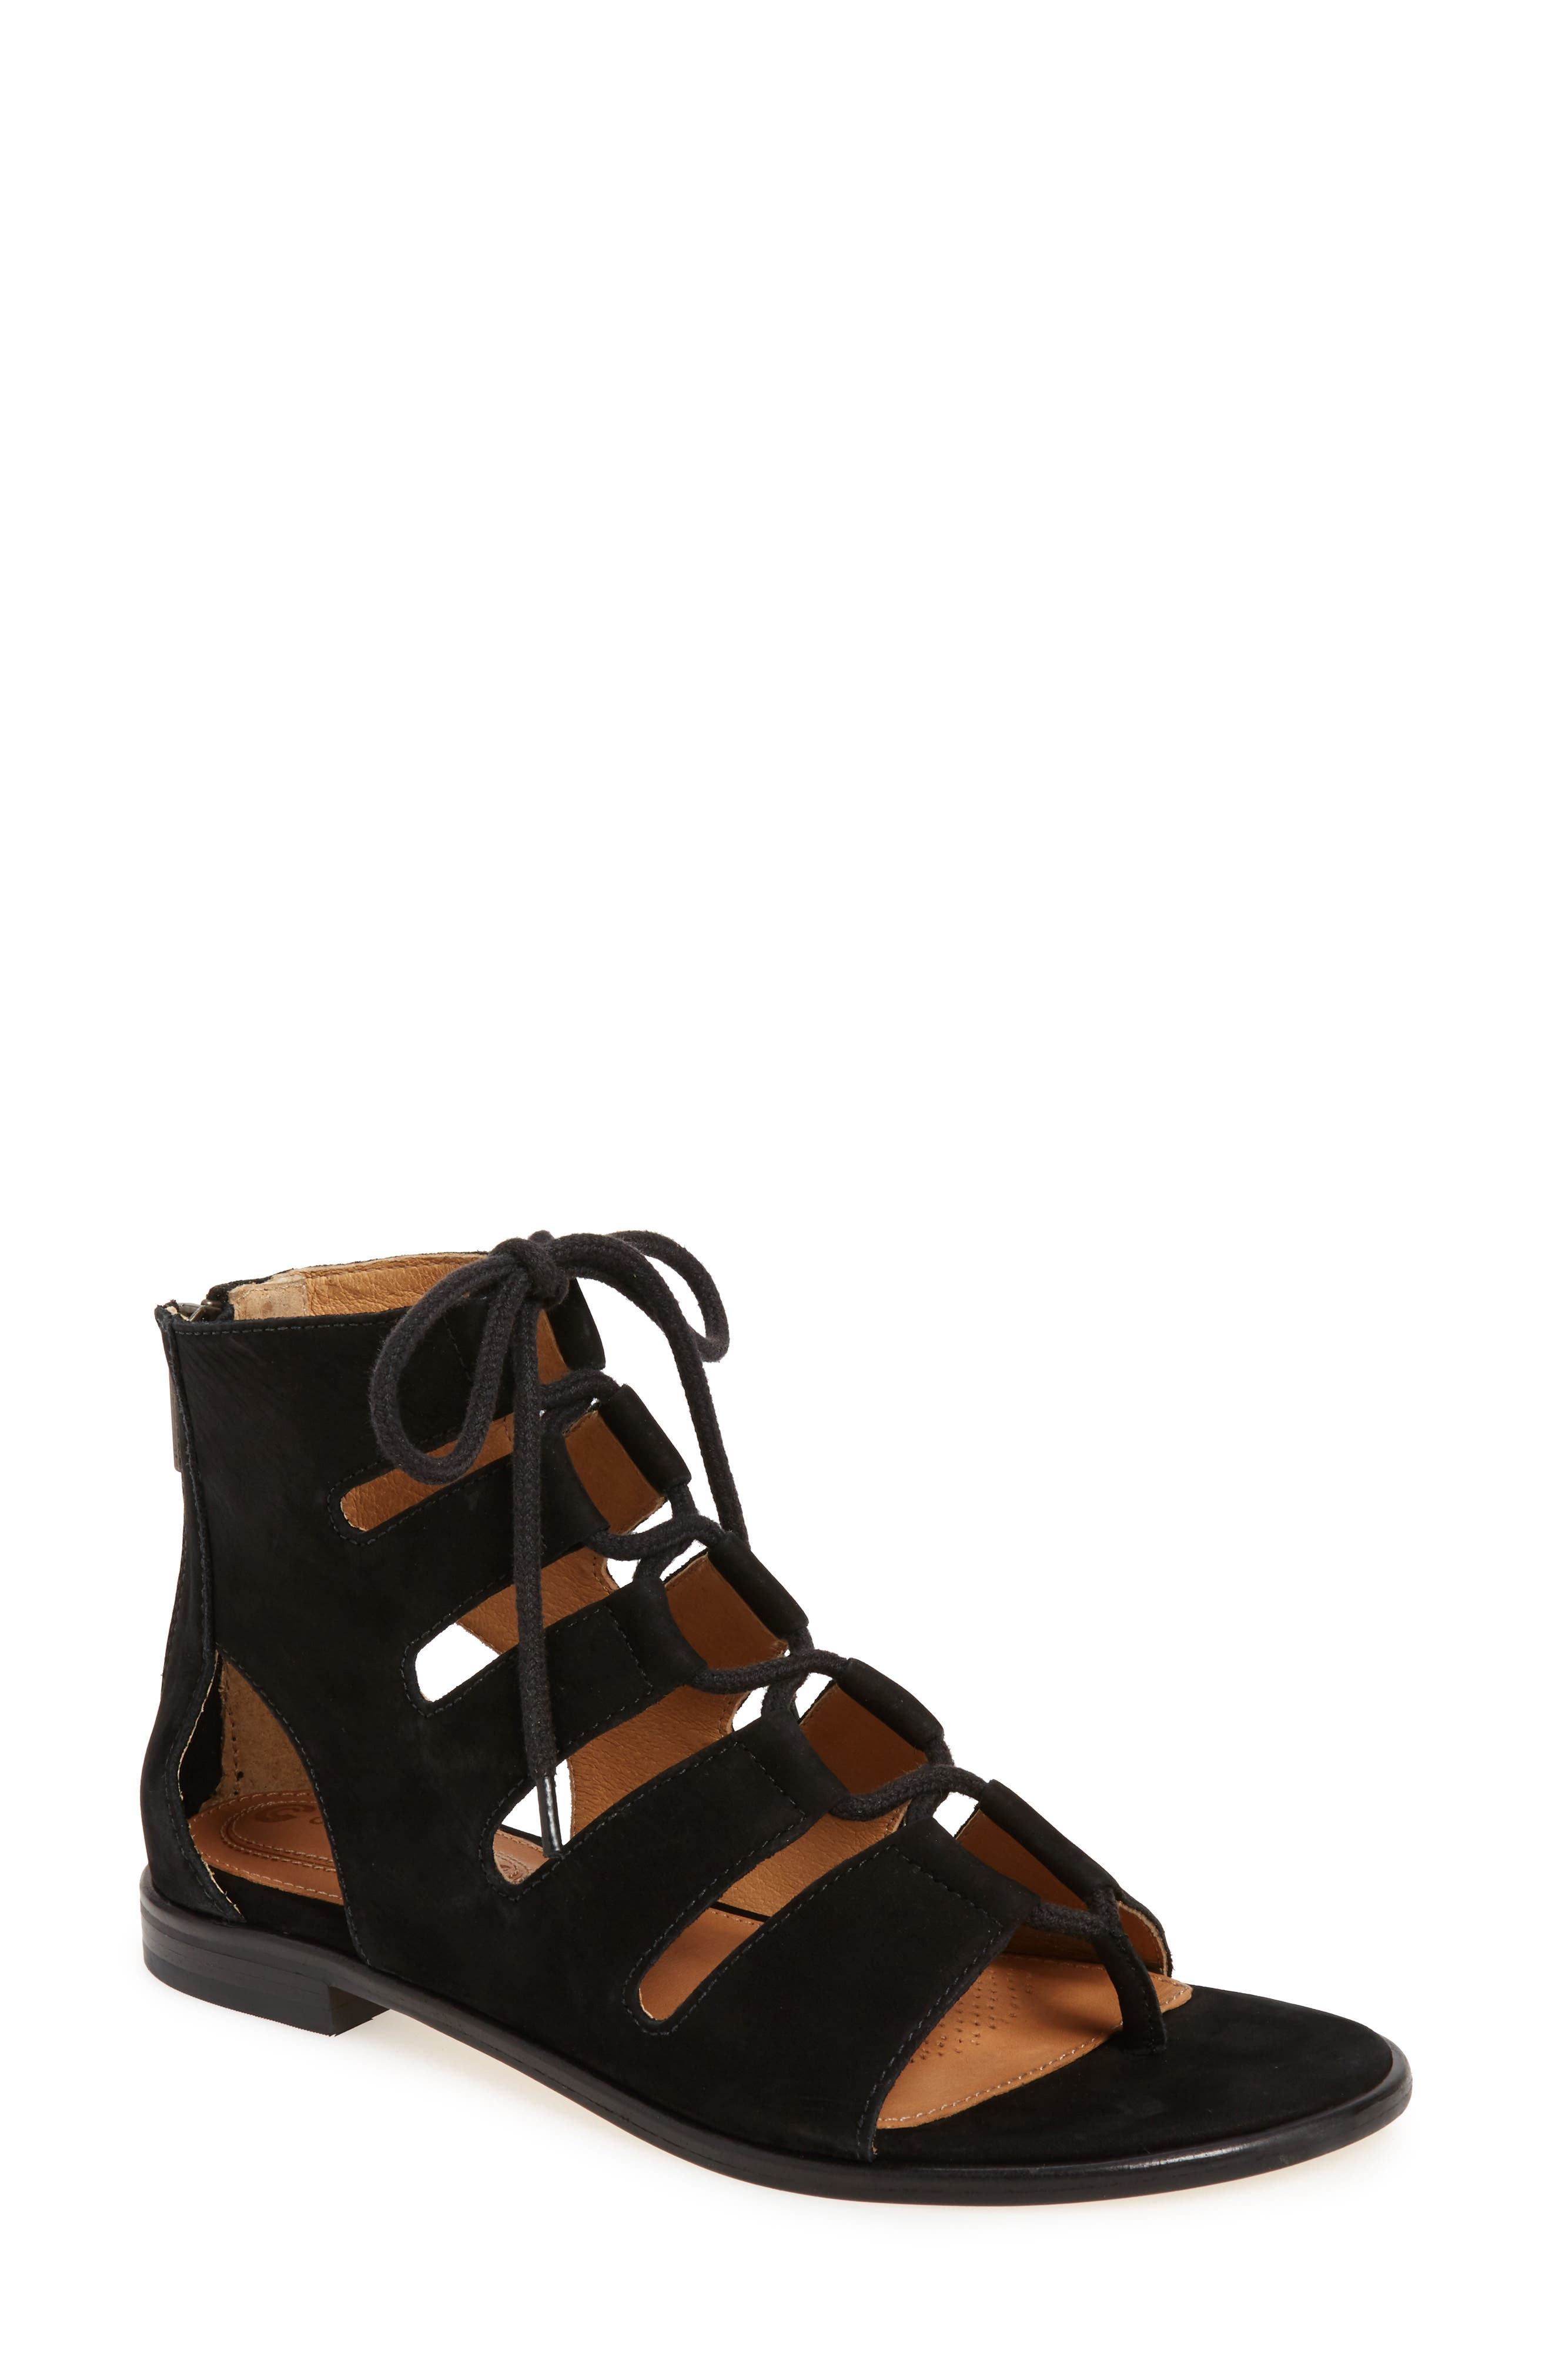 Alternate Image 1 Selected - Corso Como Sunrise Ghillie Gladiator Sandal (Women)